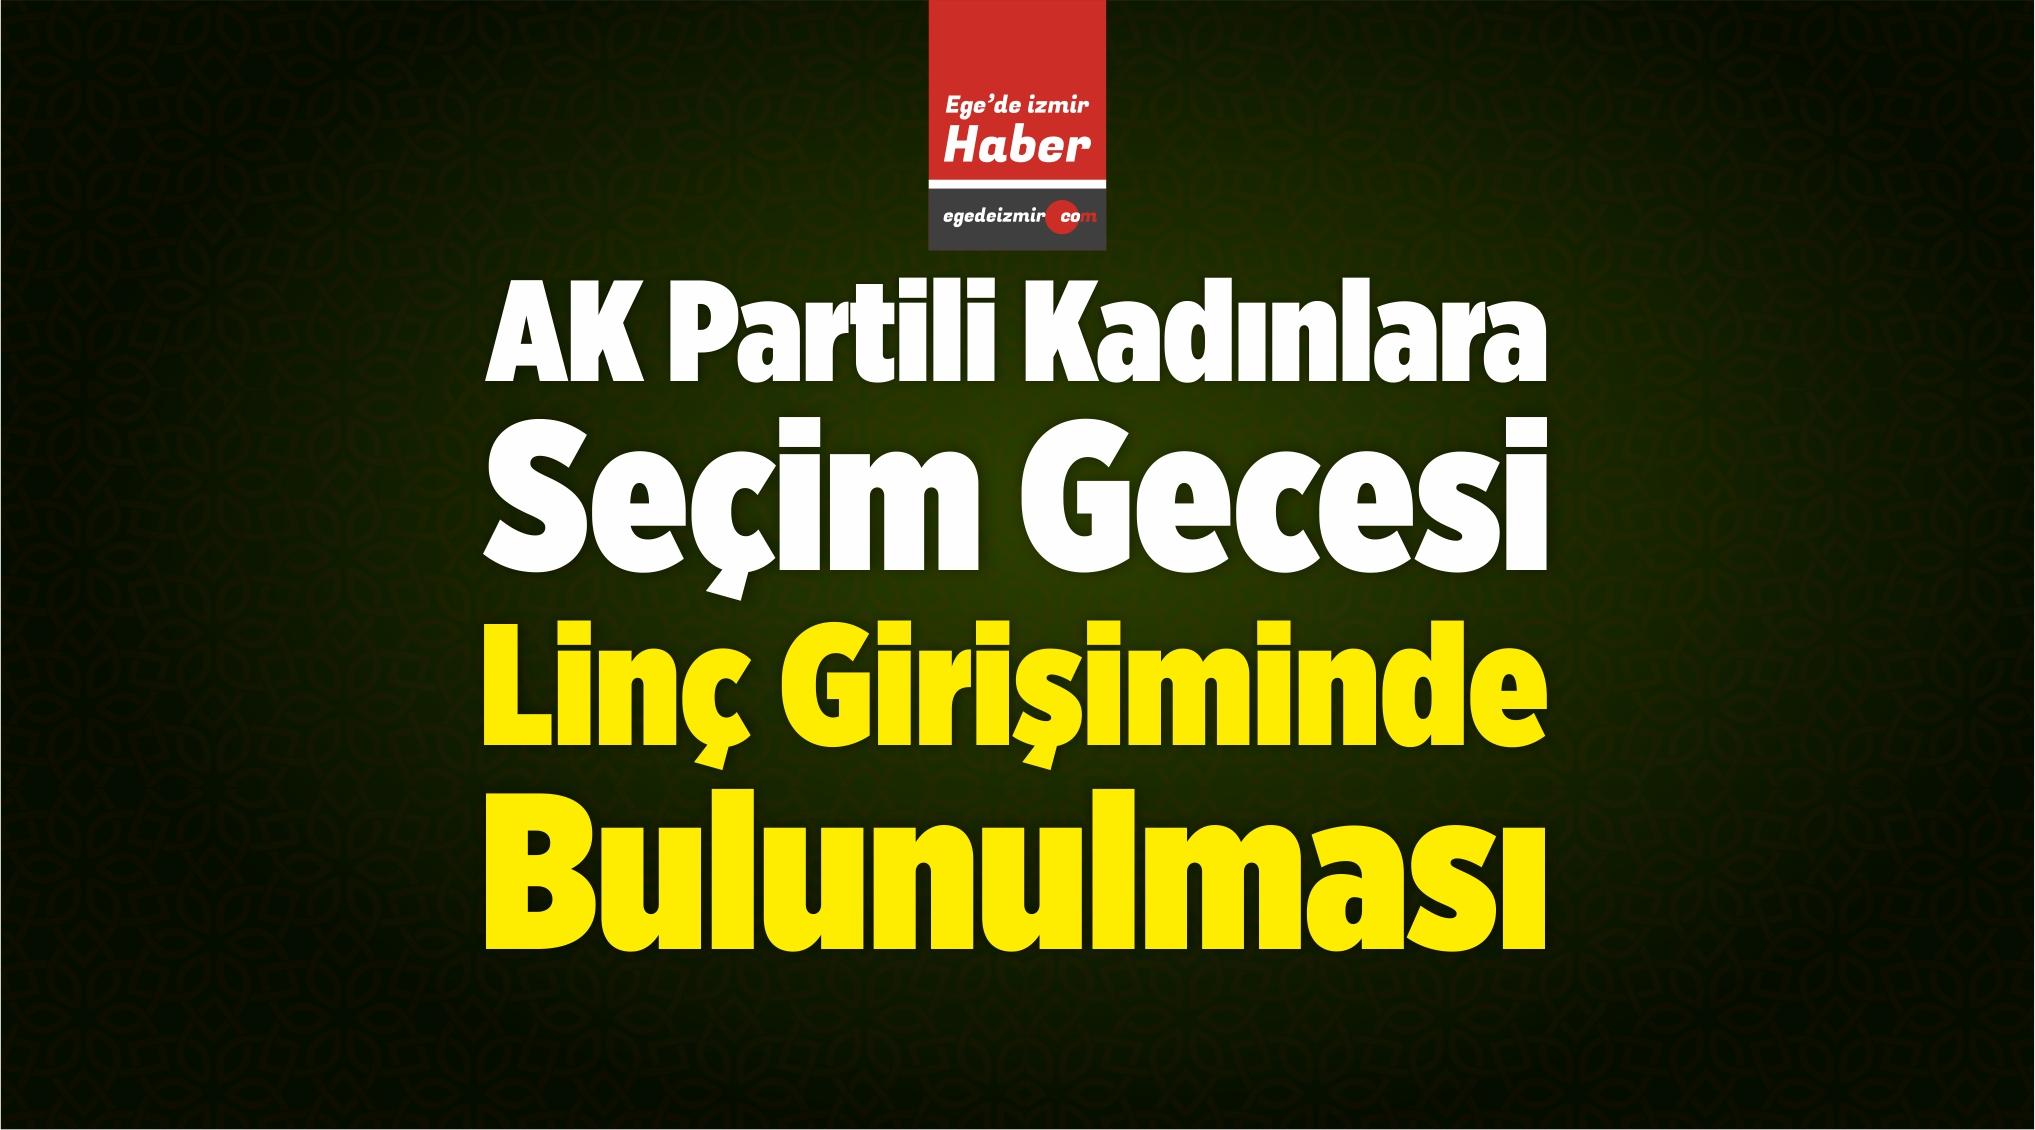 İzmir'de AK Partili Kadınlara Seçim Gecesi Linç Girişiminde Bulunulması